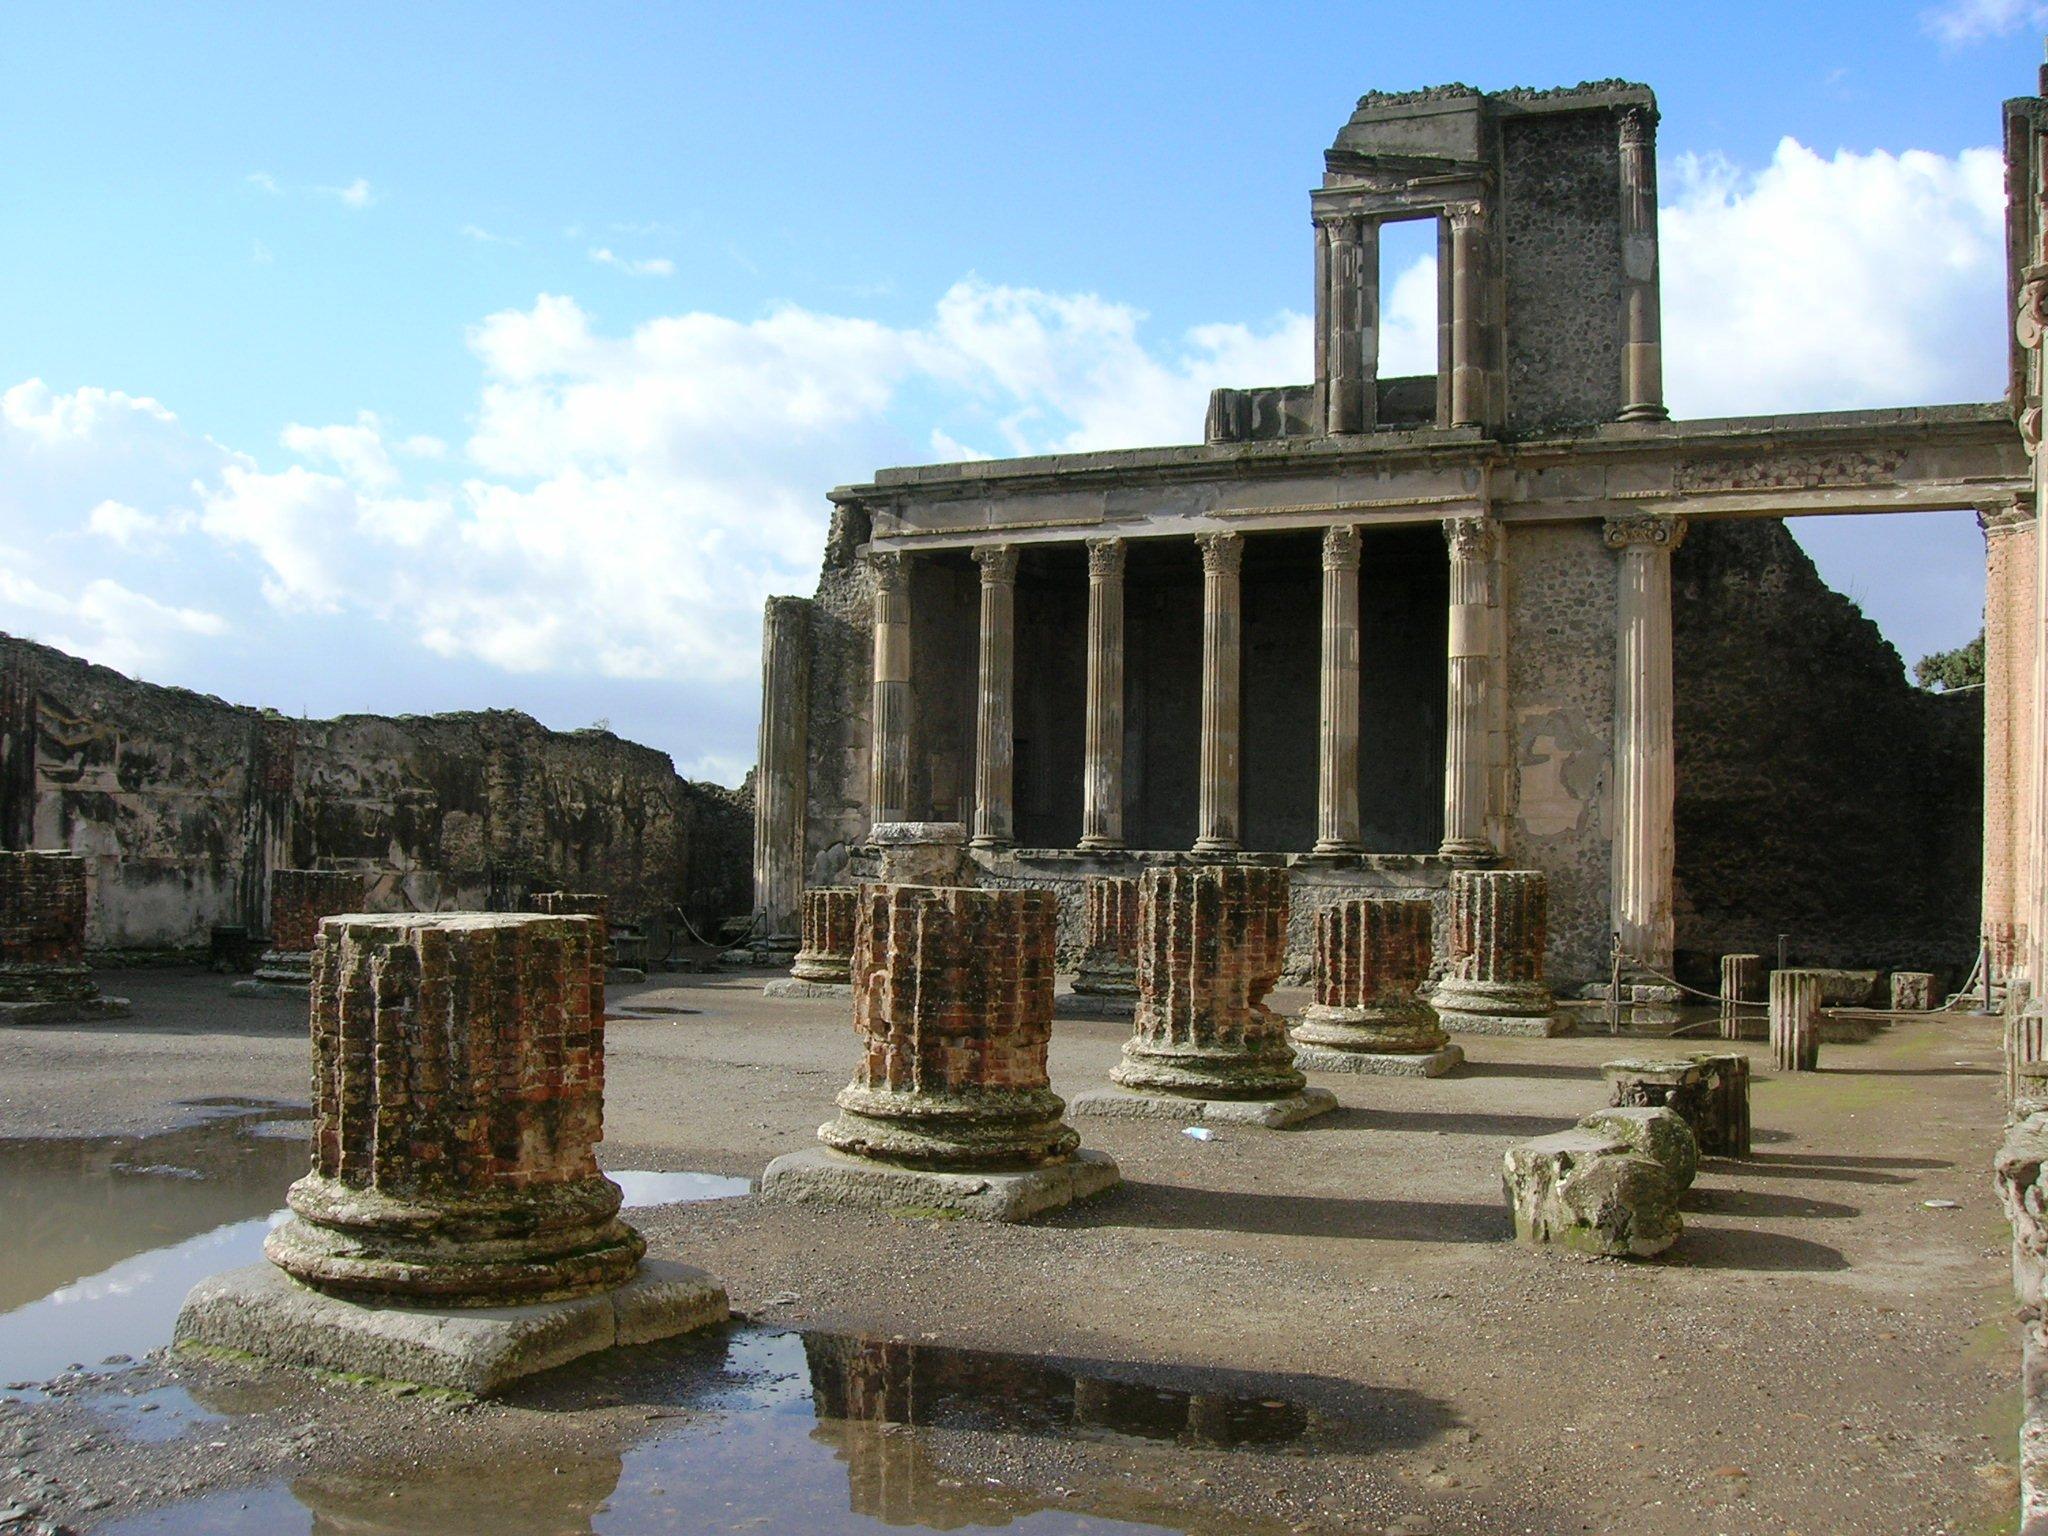 """Nuovo crollo a Pompei. """"Uno schiaffo alla storia e all'arte"""". Oggi via al censimento"""